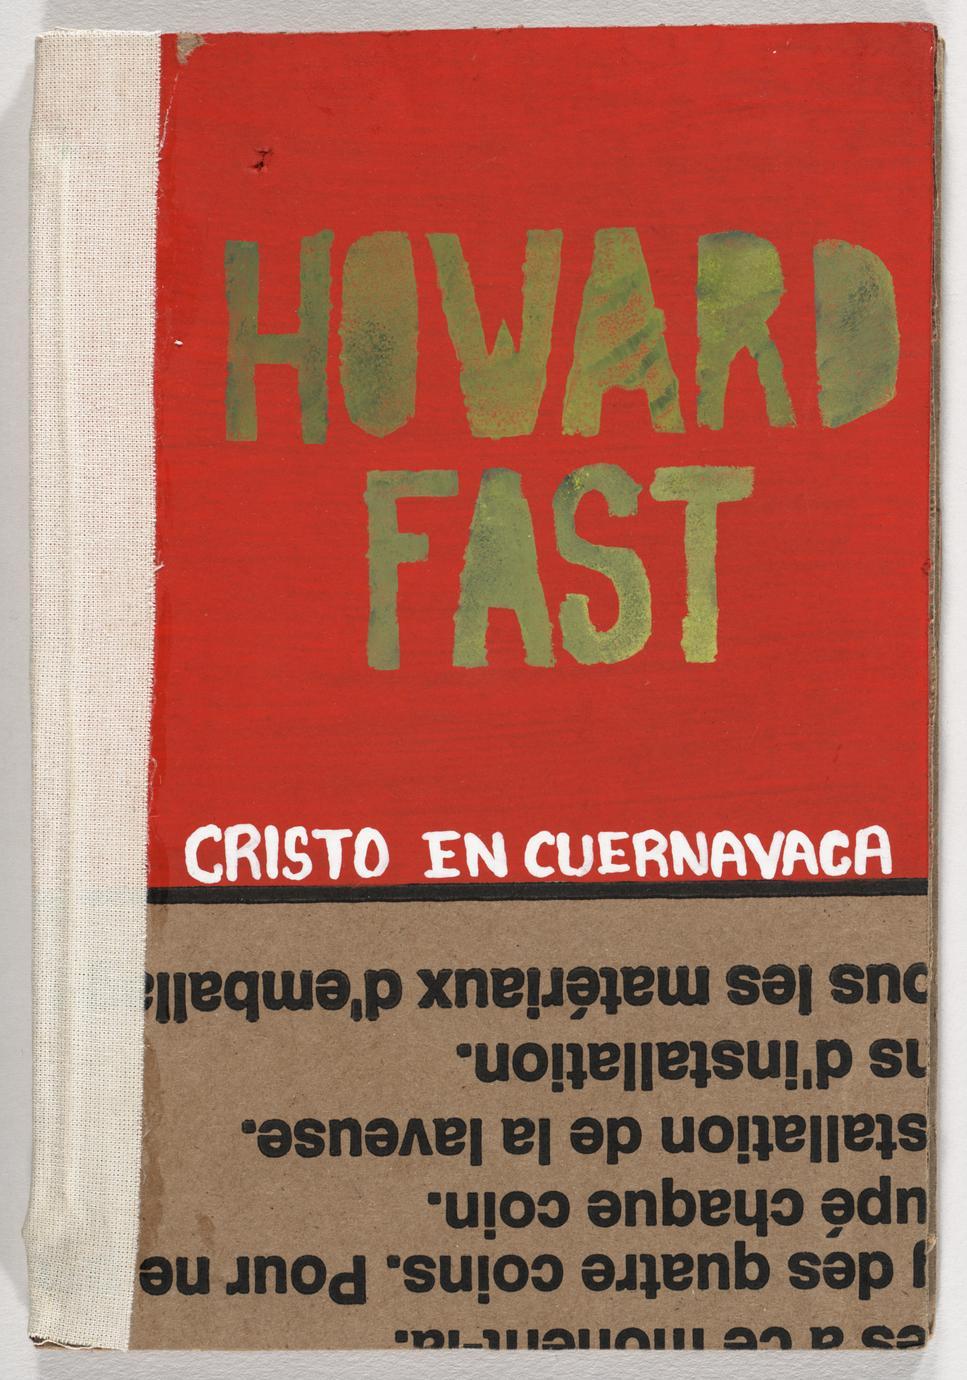 Cristo en Cuernavaca (1 of 3)